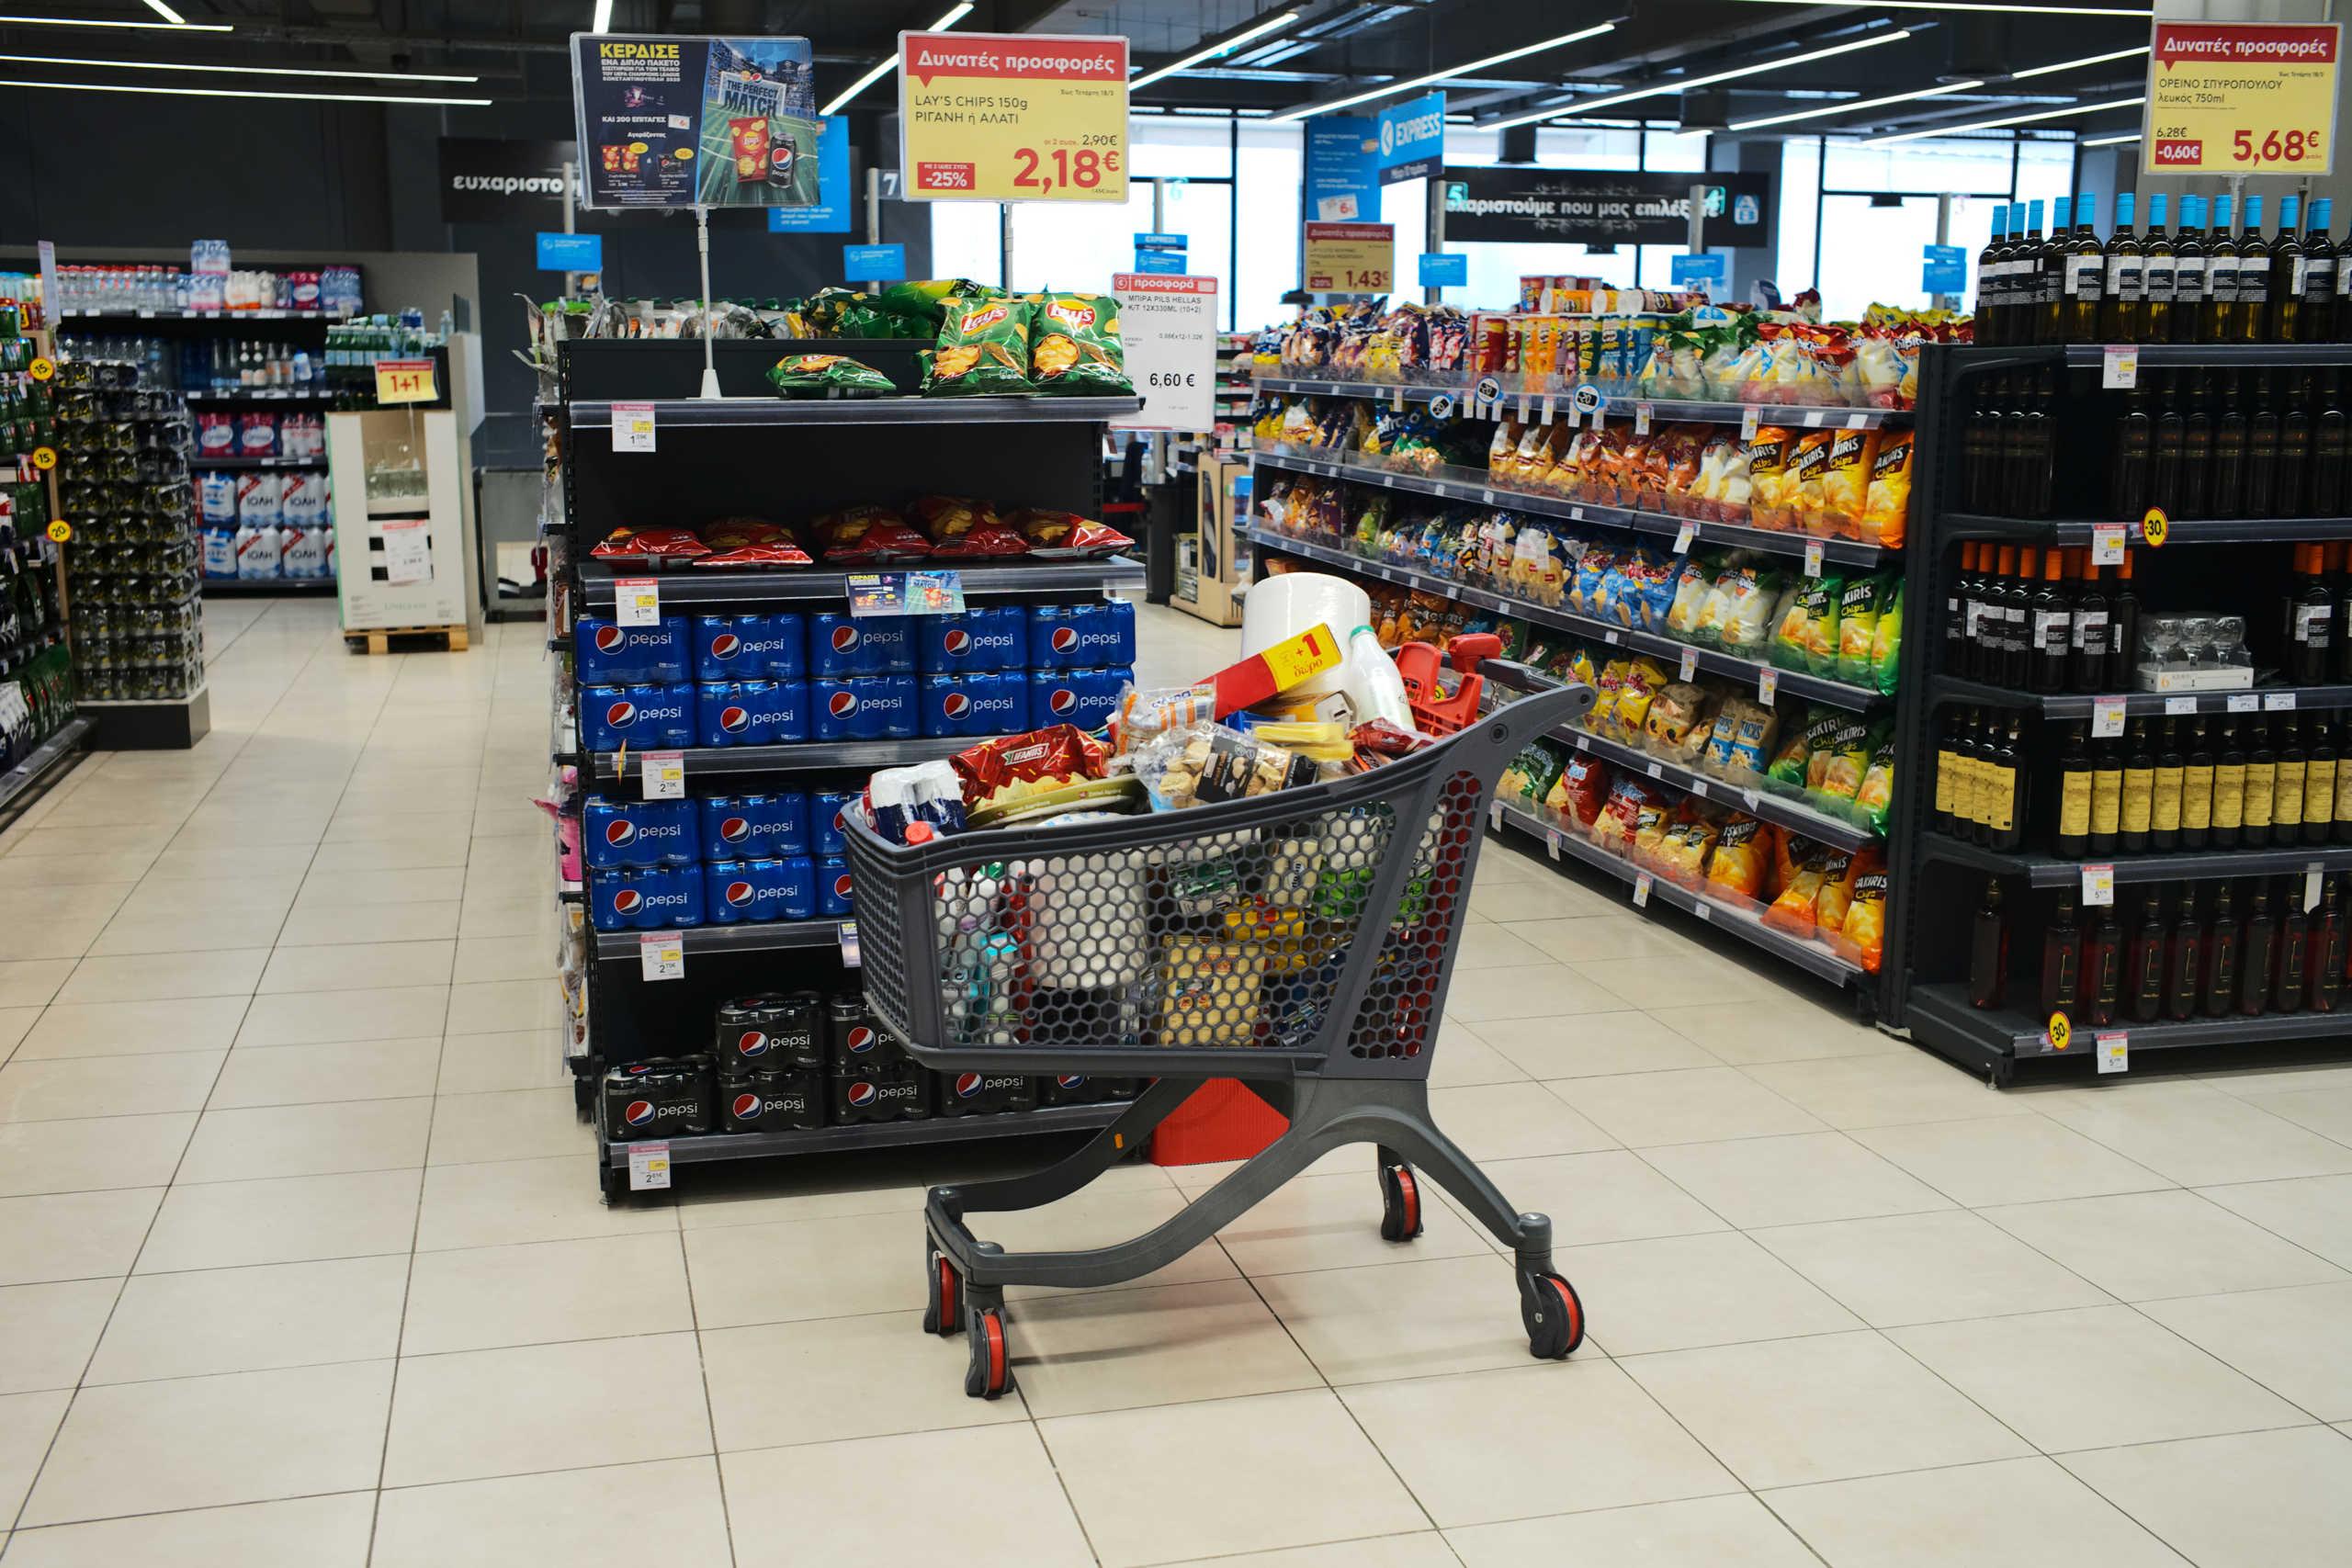 Νέο ωράριο στα σούπερ μάρκετ από την Δευτέρα! Θα κλείνουν νωρίτερα